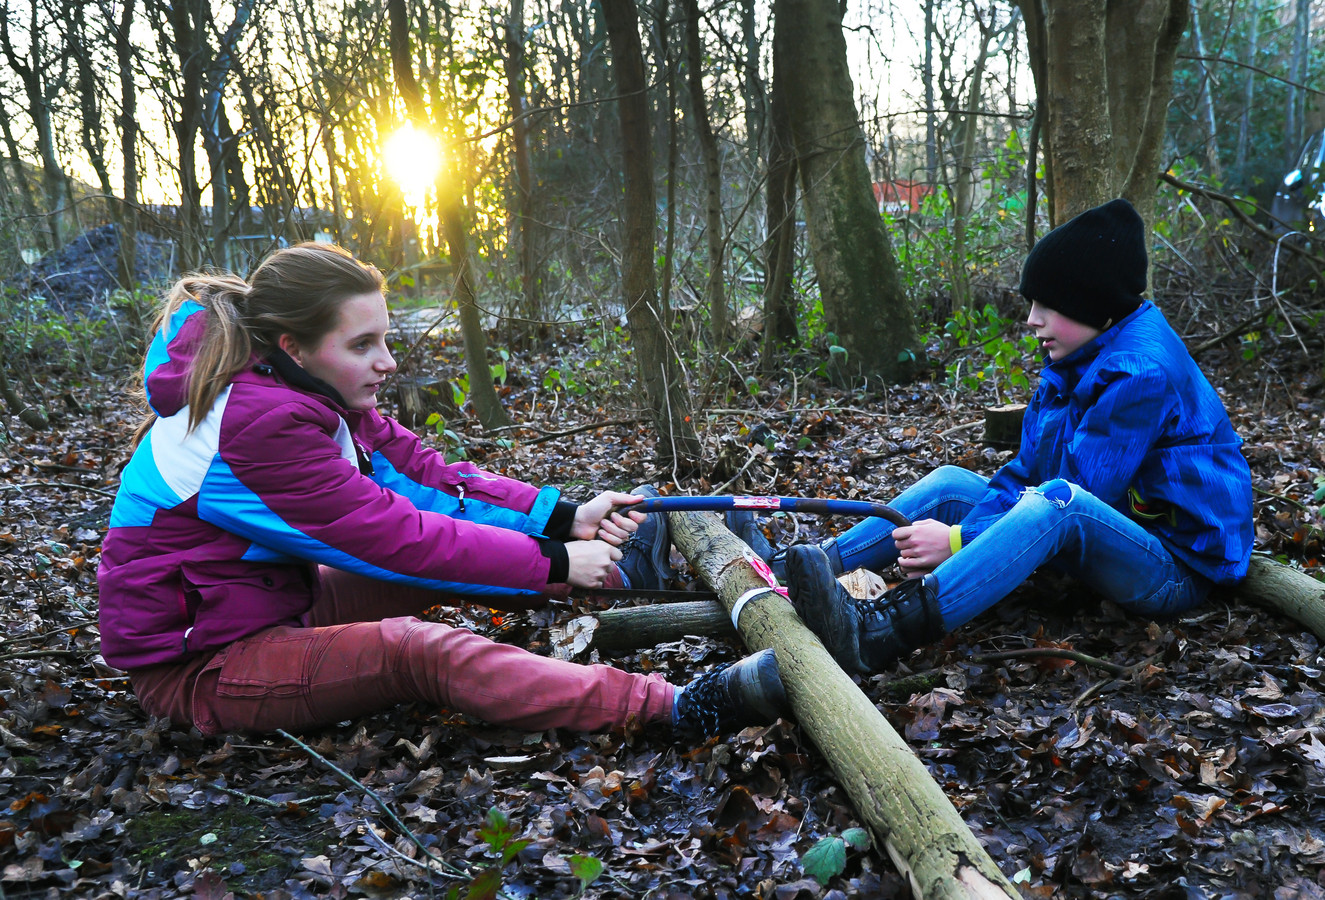 Scouts zijn lichamelijk actiever en gaan bewuster om met de natuur, blijkt uit onderzoek van WOSM, één van de twee wereldbonden van scouting.